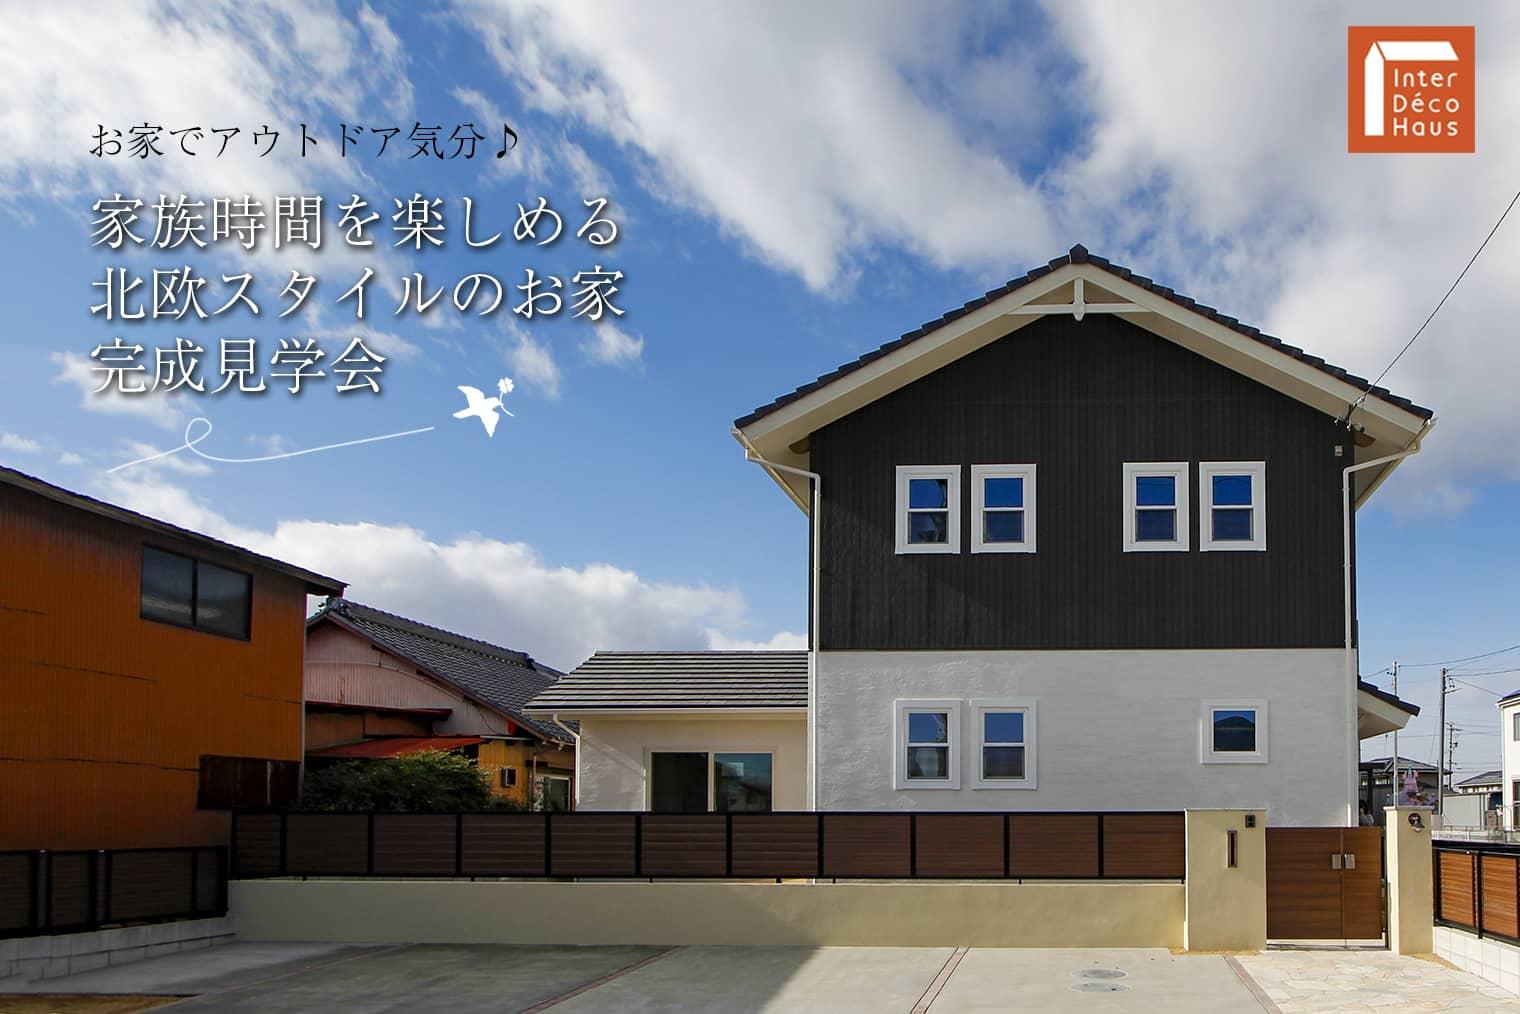 【終了】愛知県江南市・見学会に来てみませんか?お家でアウトドア気分♪家族時間を楽しめる北欧スタイルのお家